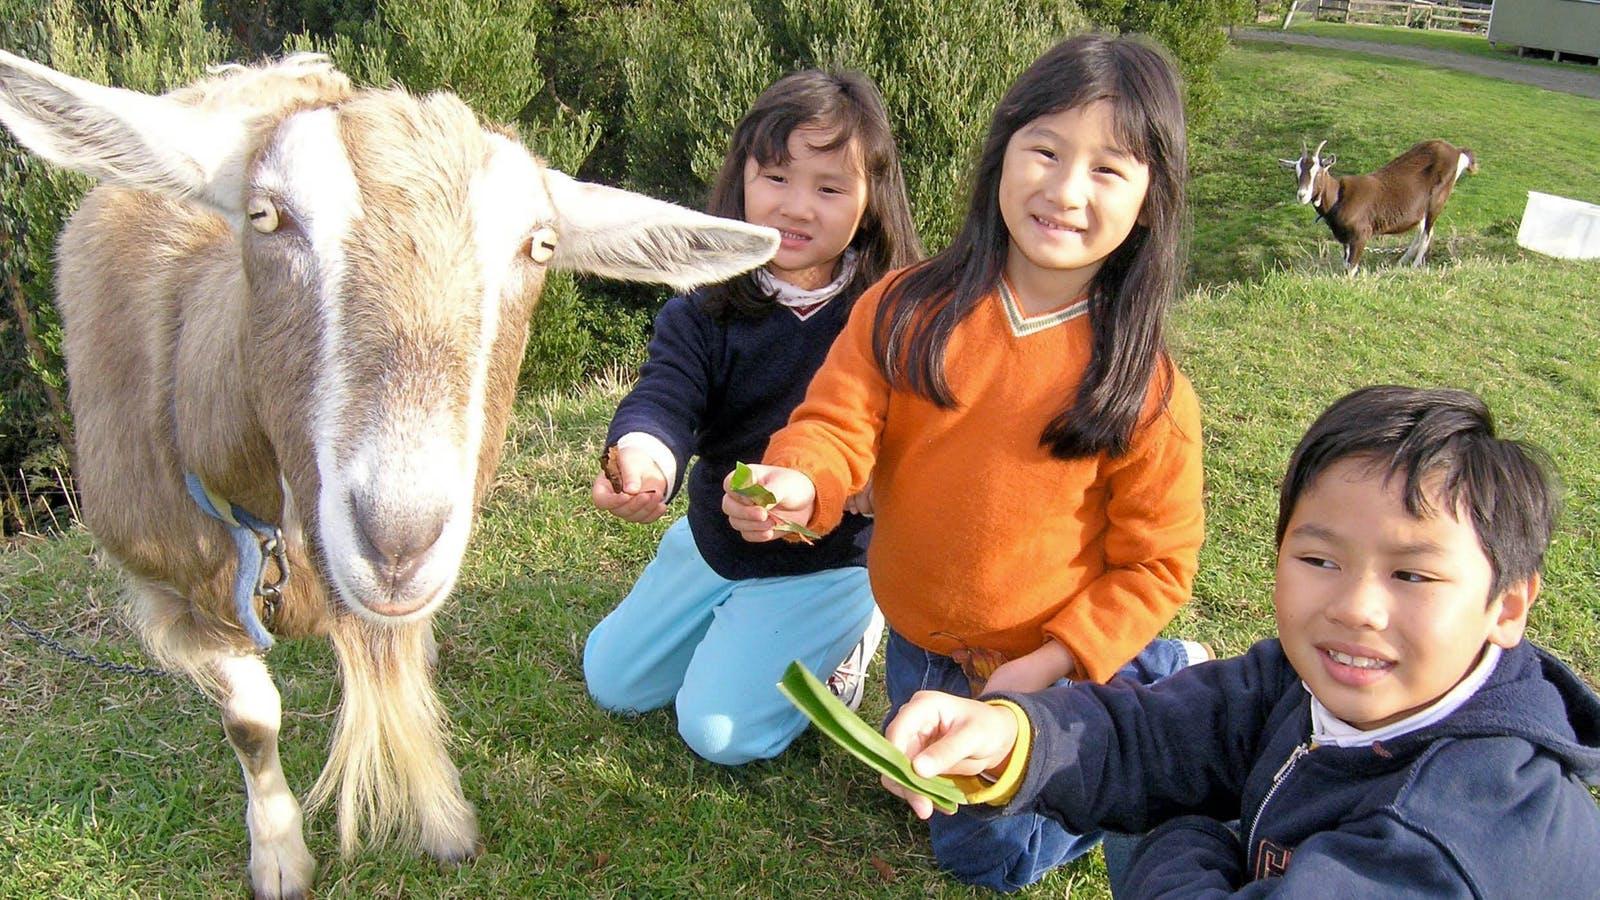 Feeding Nanny Goat